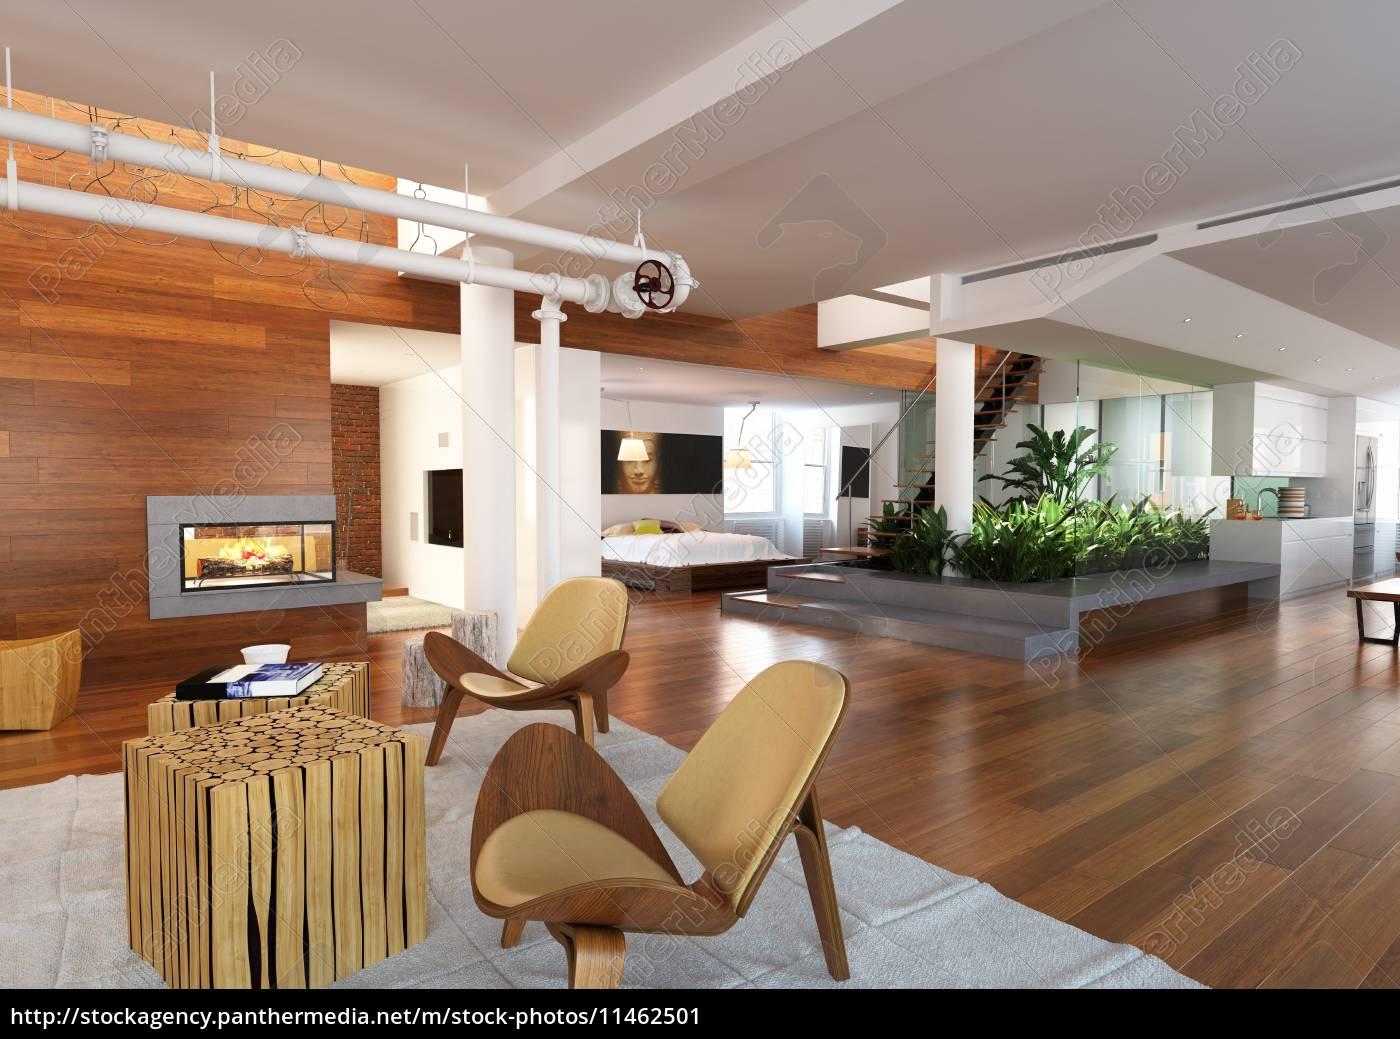 Lizenzfreies Bild 11462501 - Modernes Haus mit Wohnzimmer Schlafzimmer und  Küche